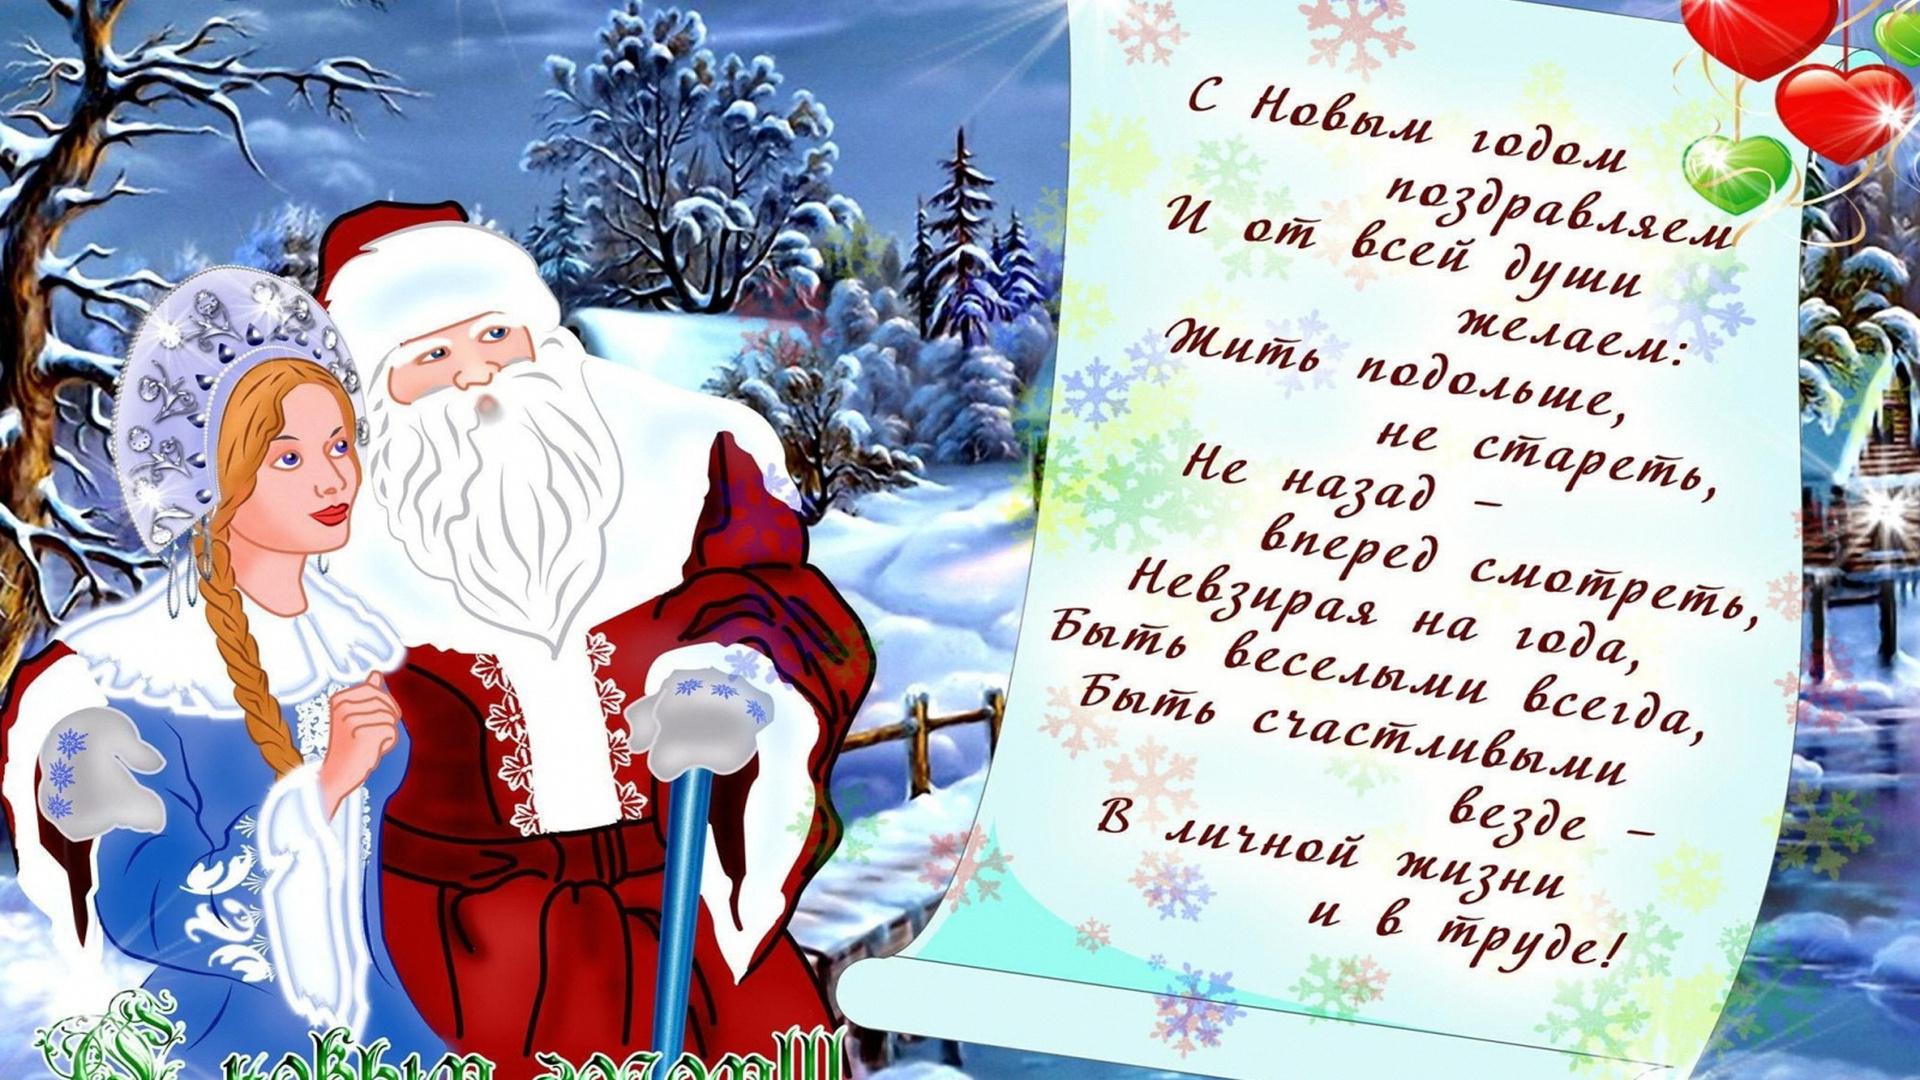 Поздравление деду морозу и снегурочке с новым годом в стихах